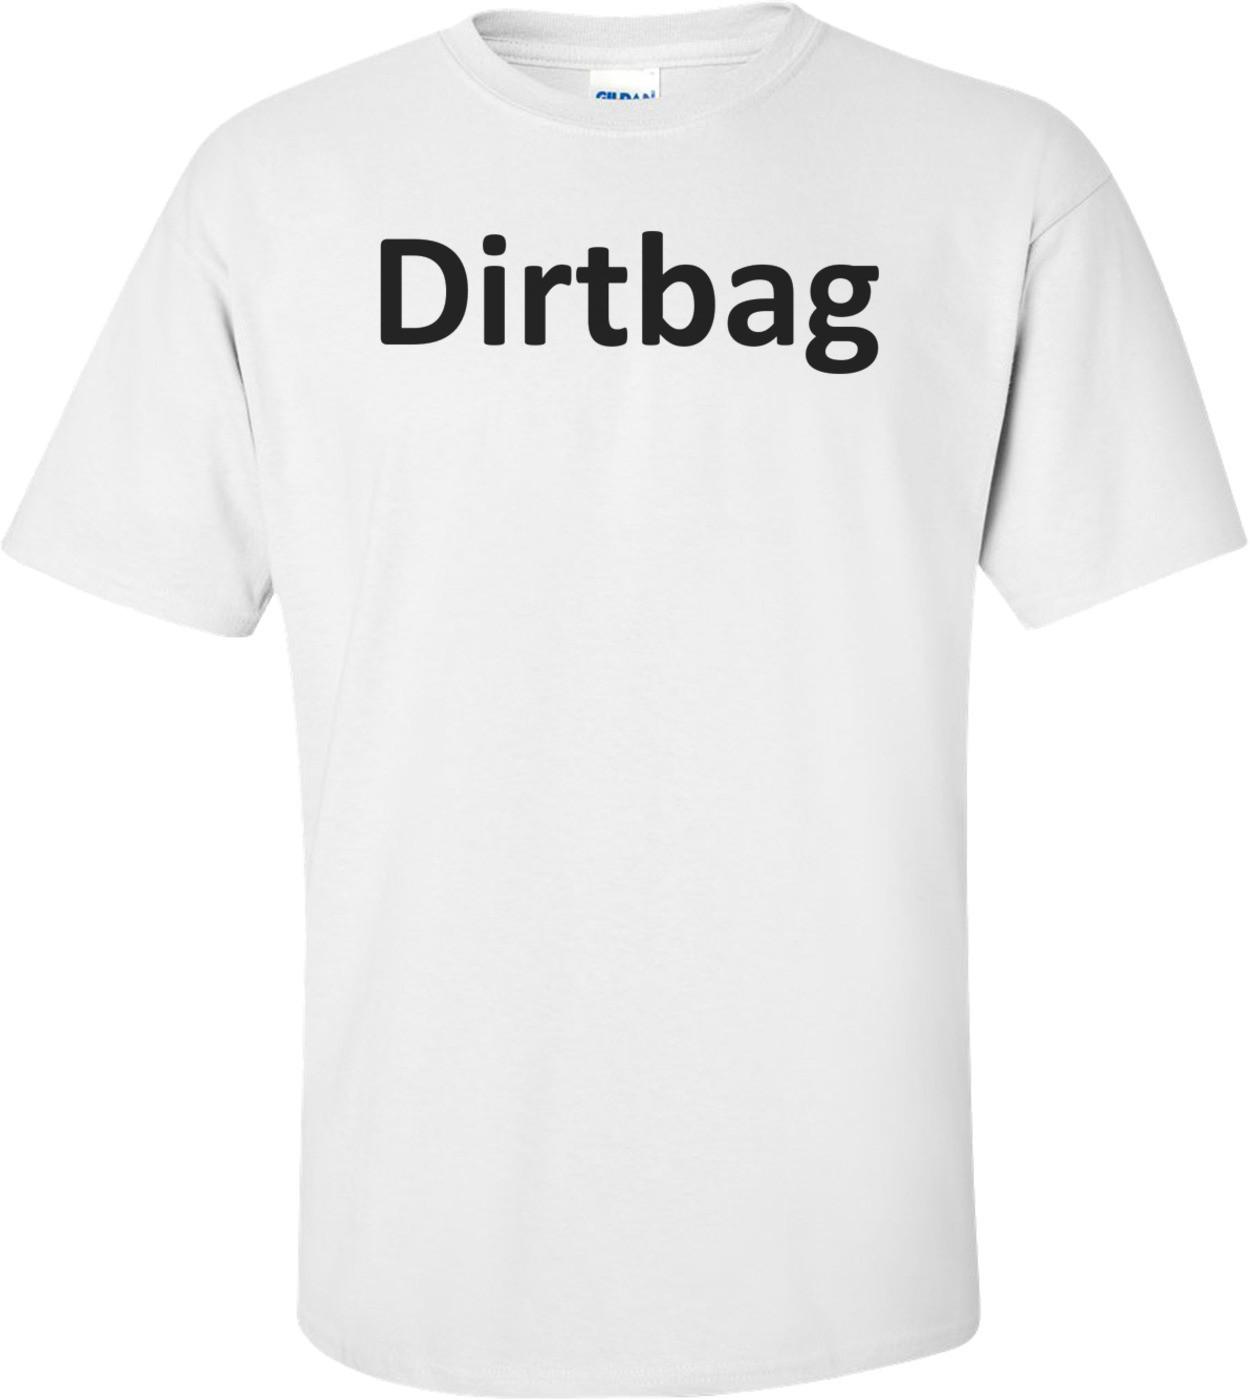 Dirtbag T-Shirt